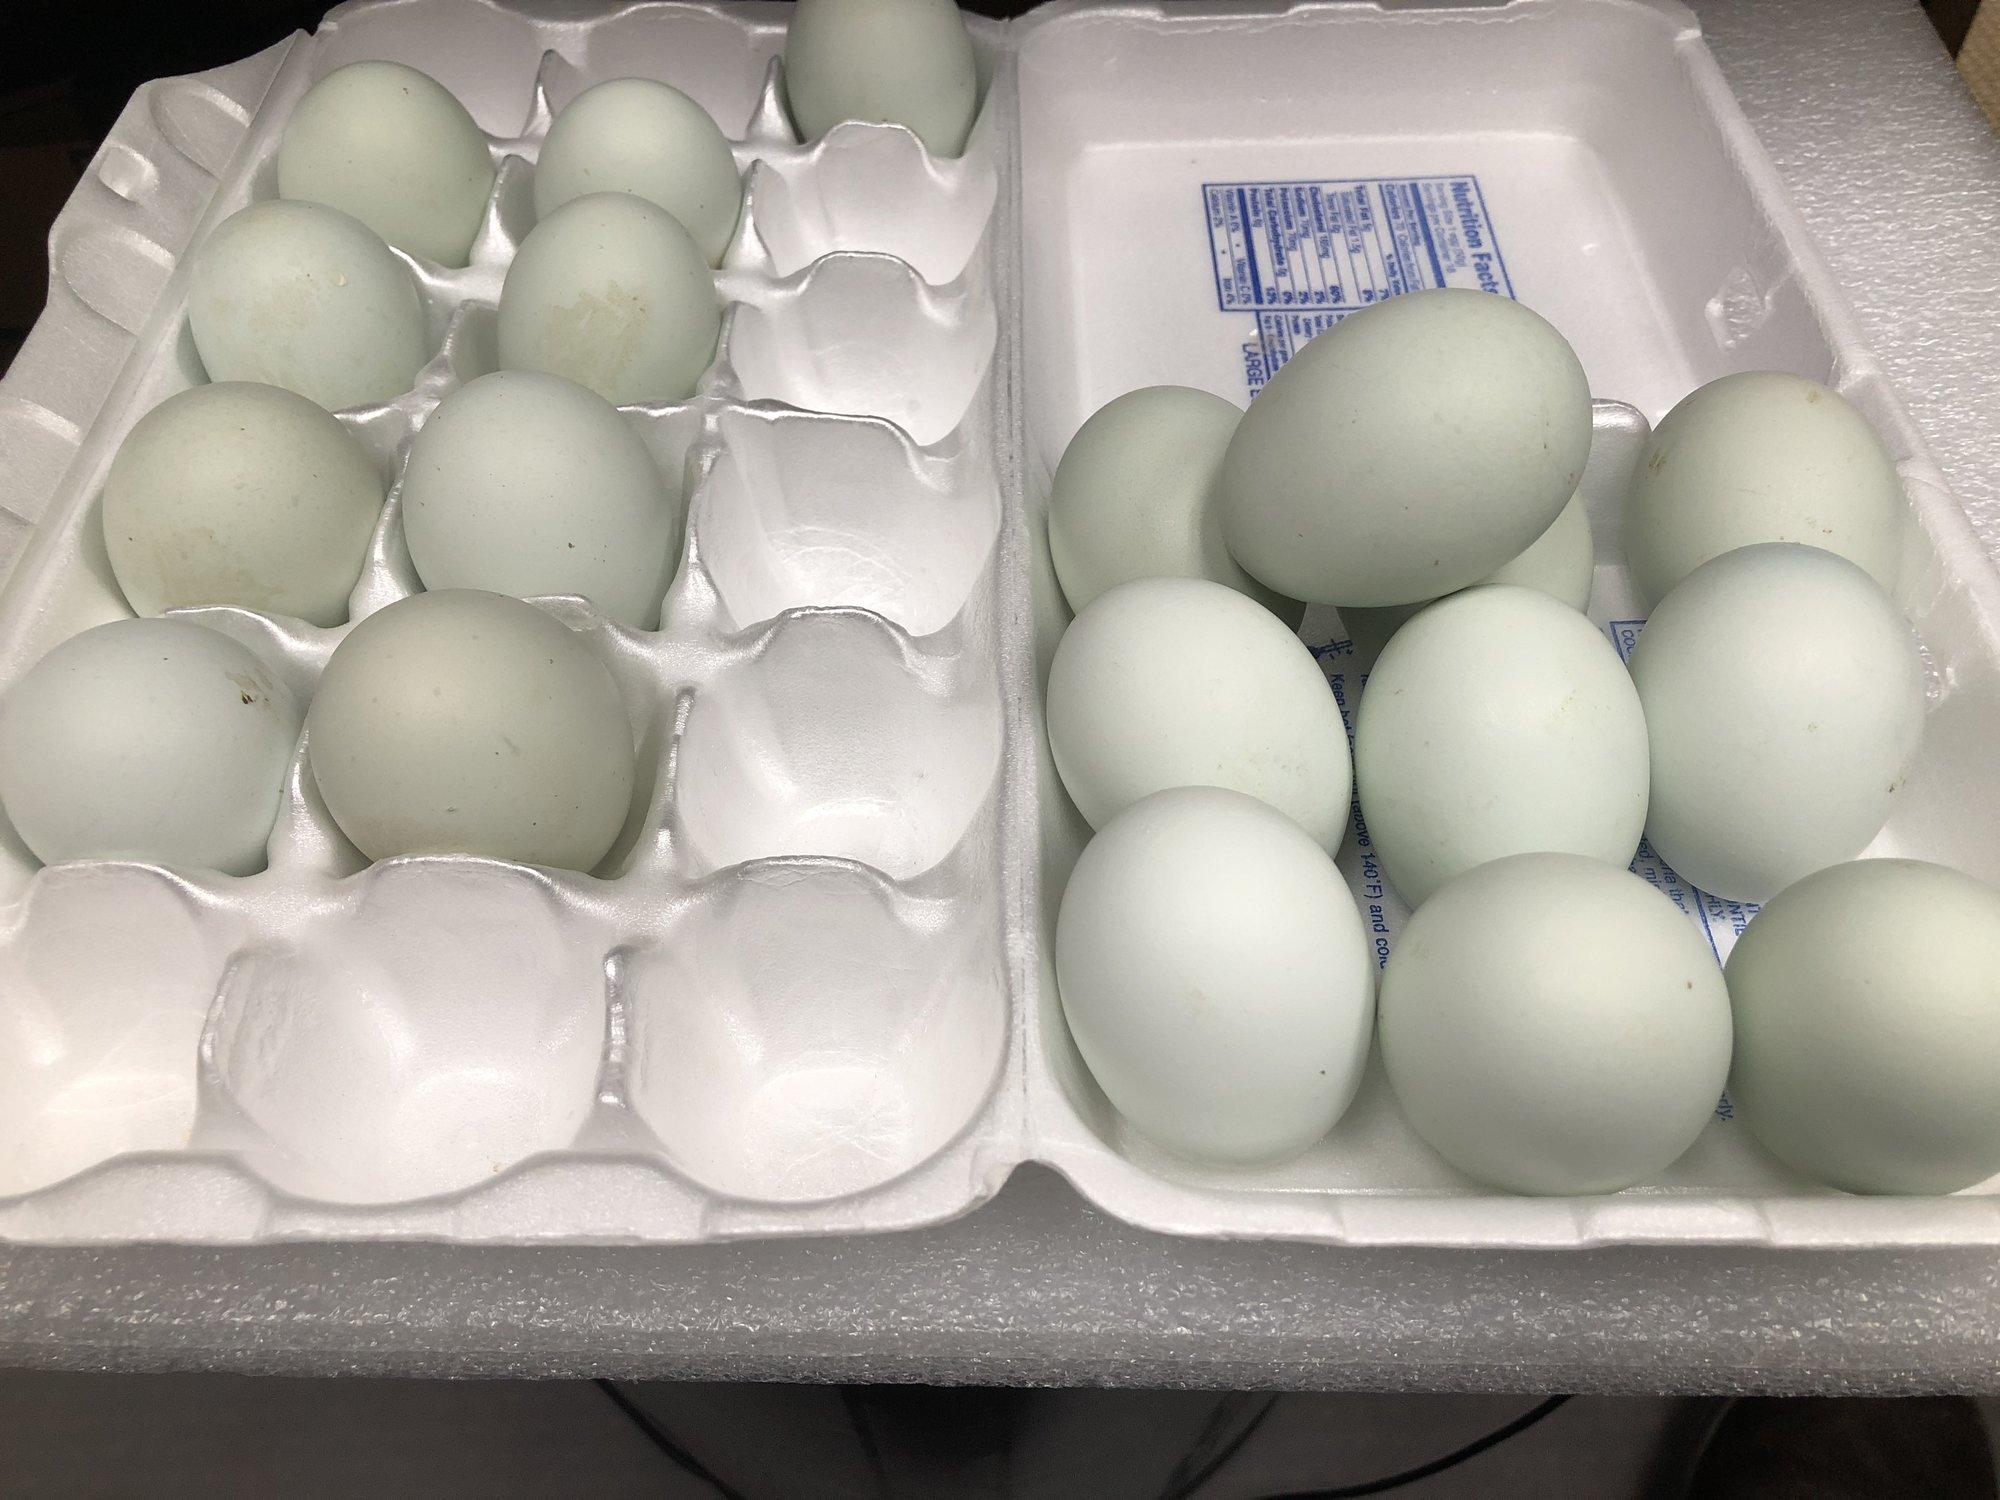 19 eggs carton 2.jpg